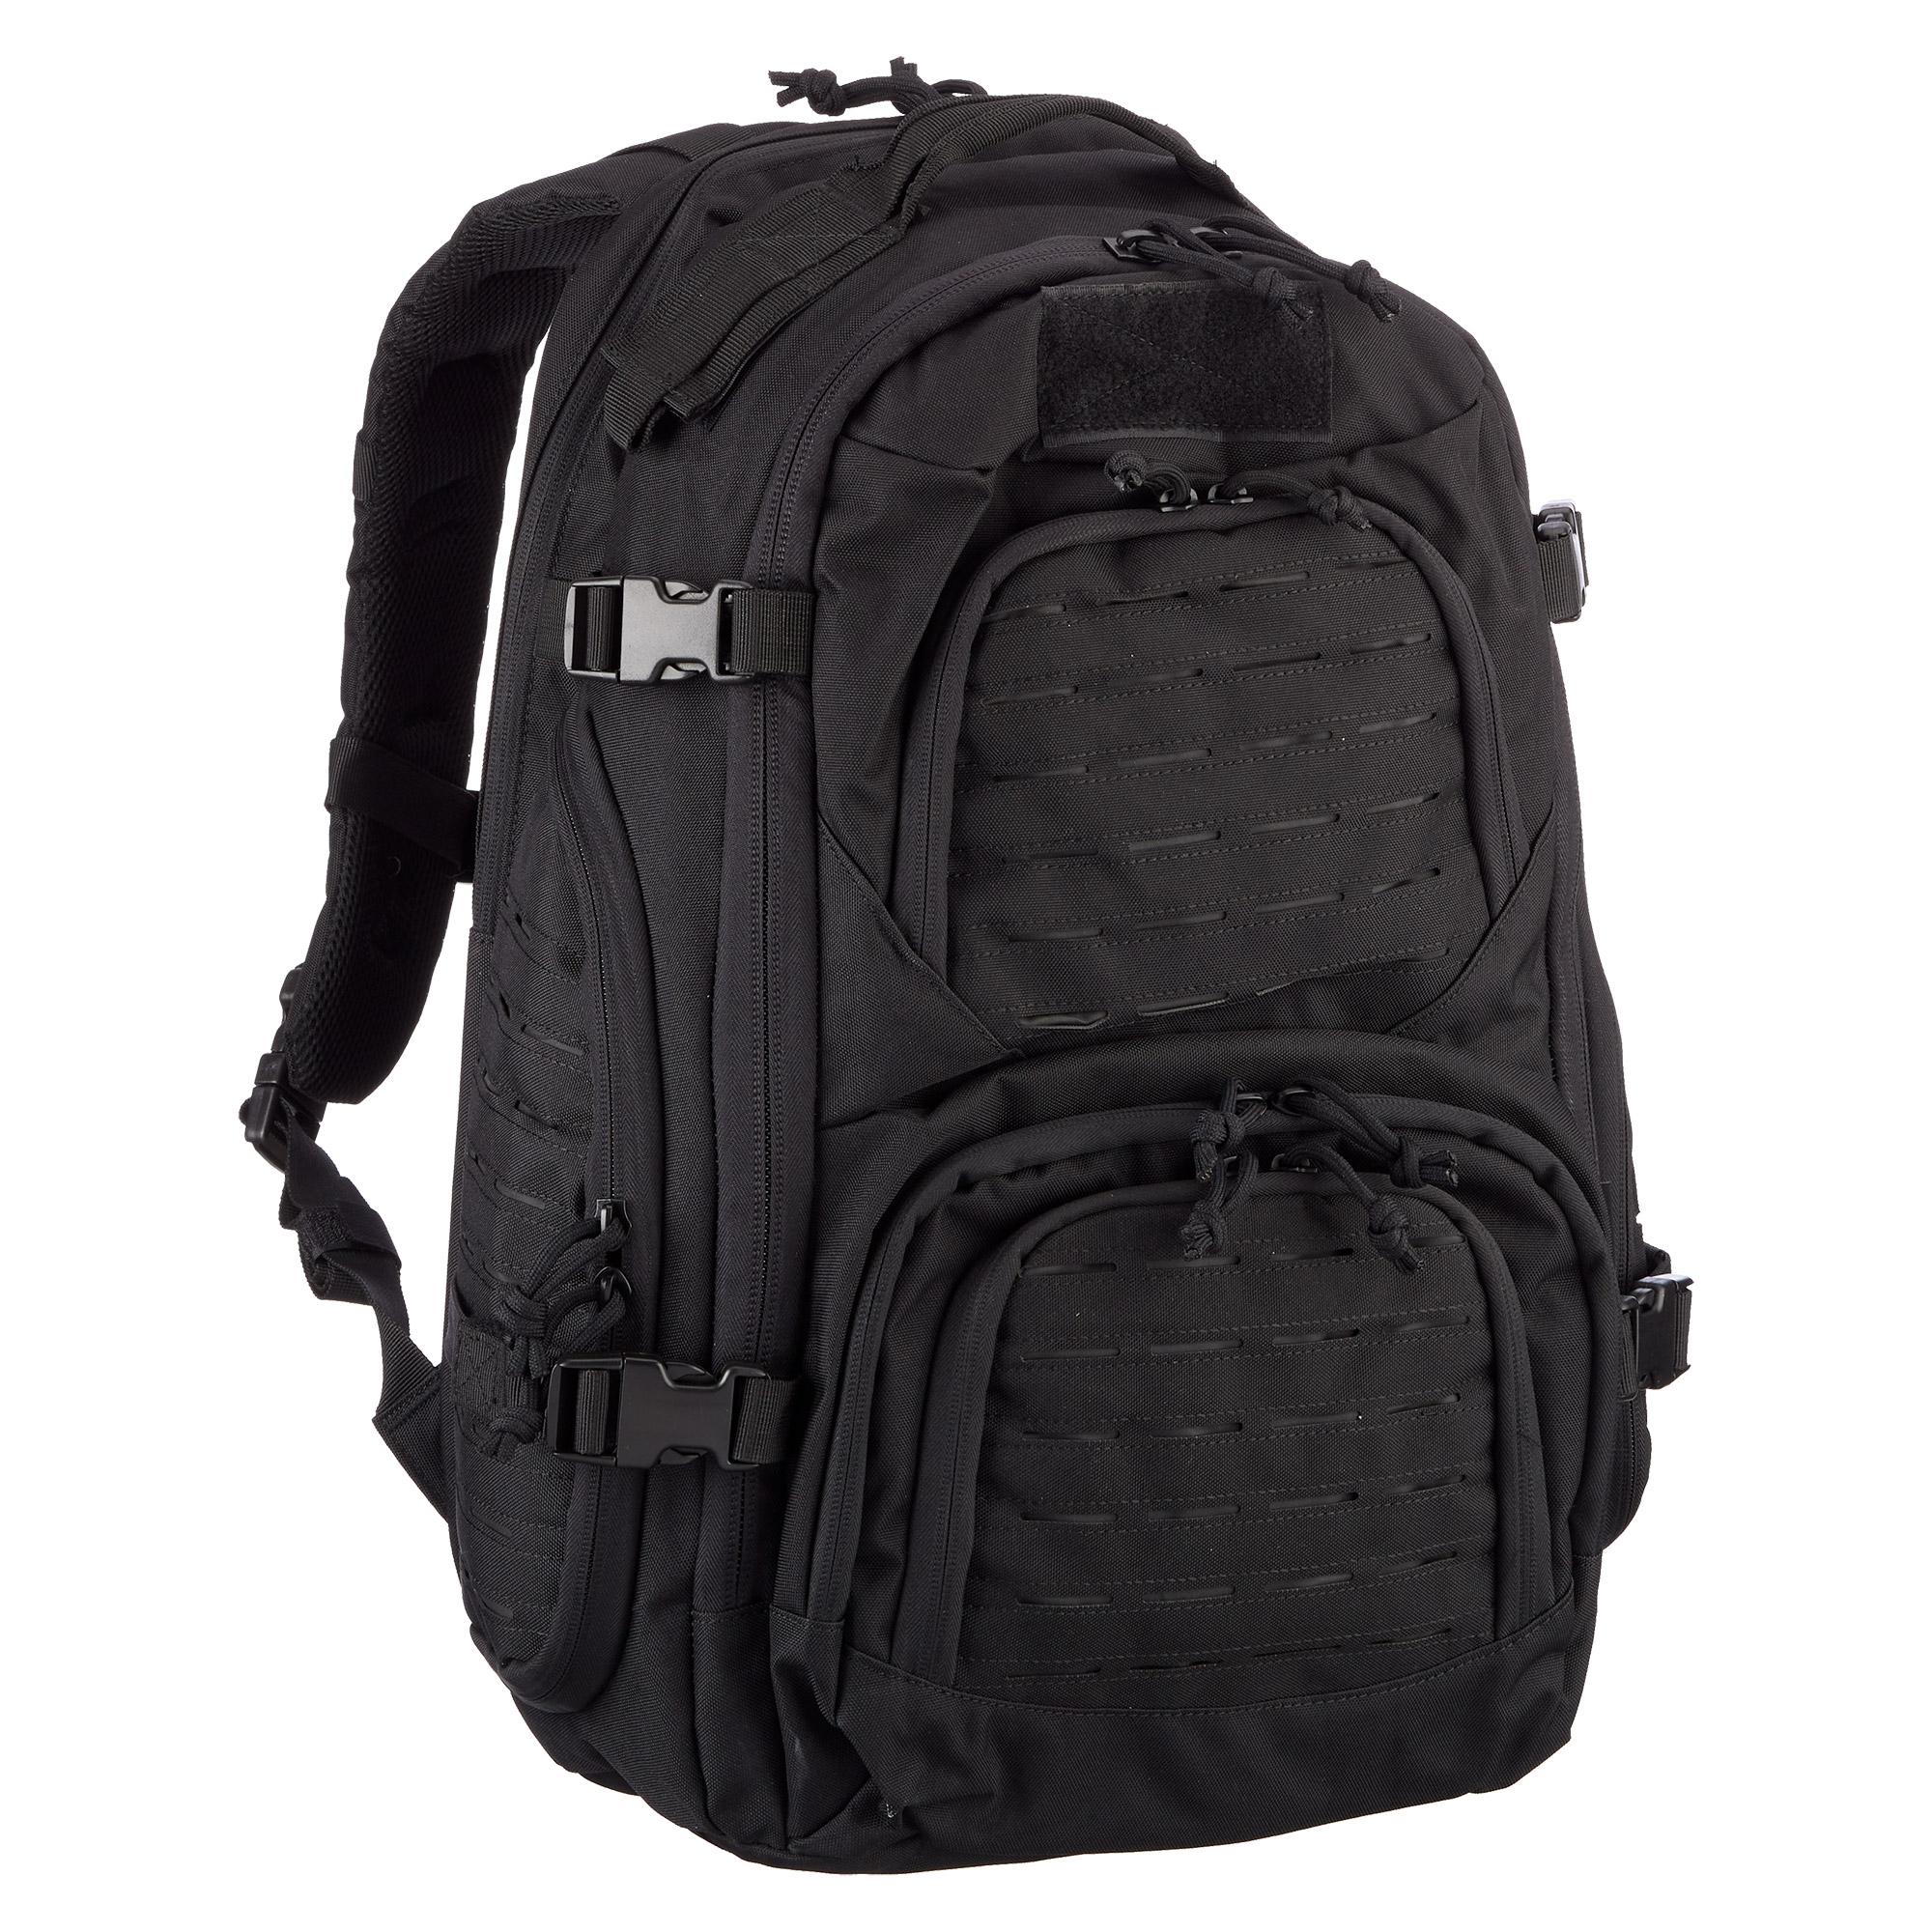 Coptex Rucksack 40 L schwarz